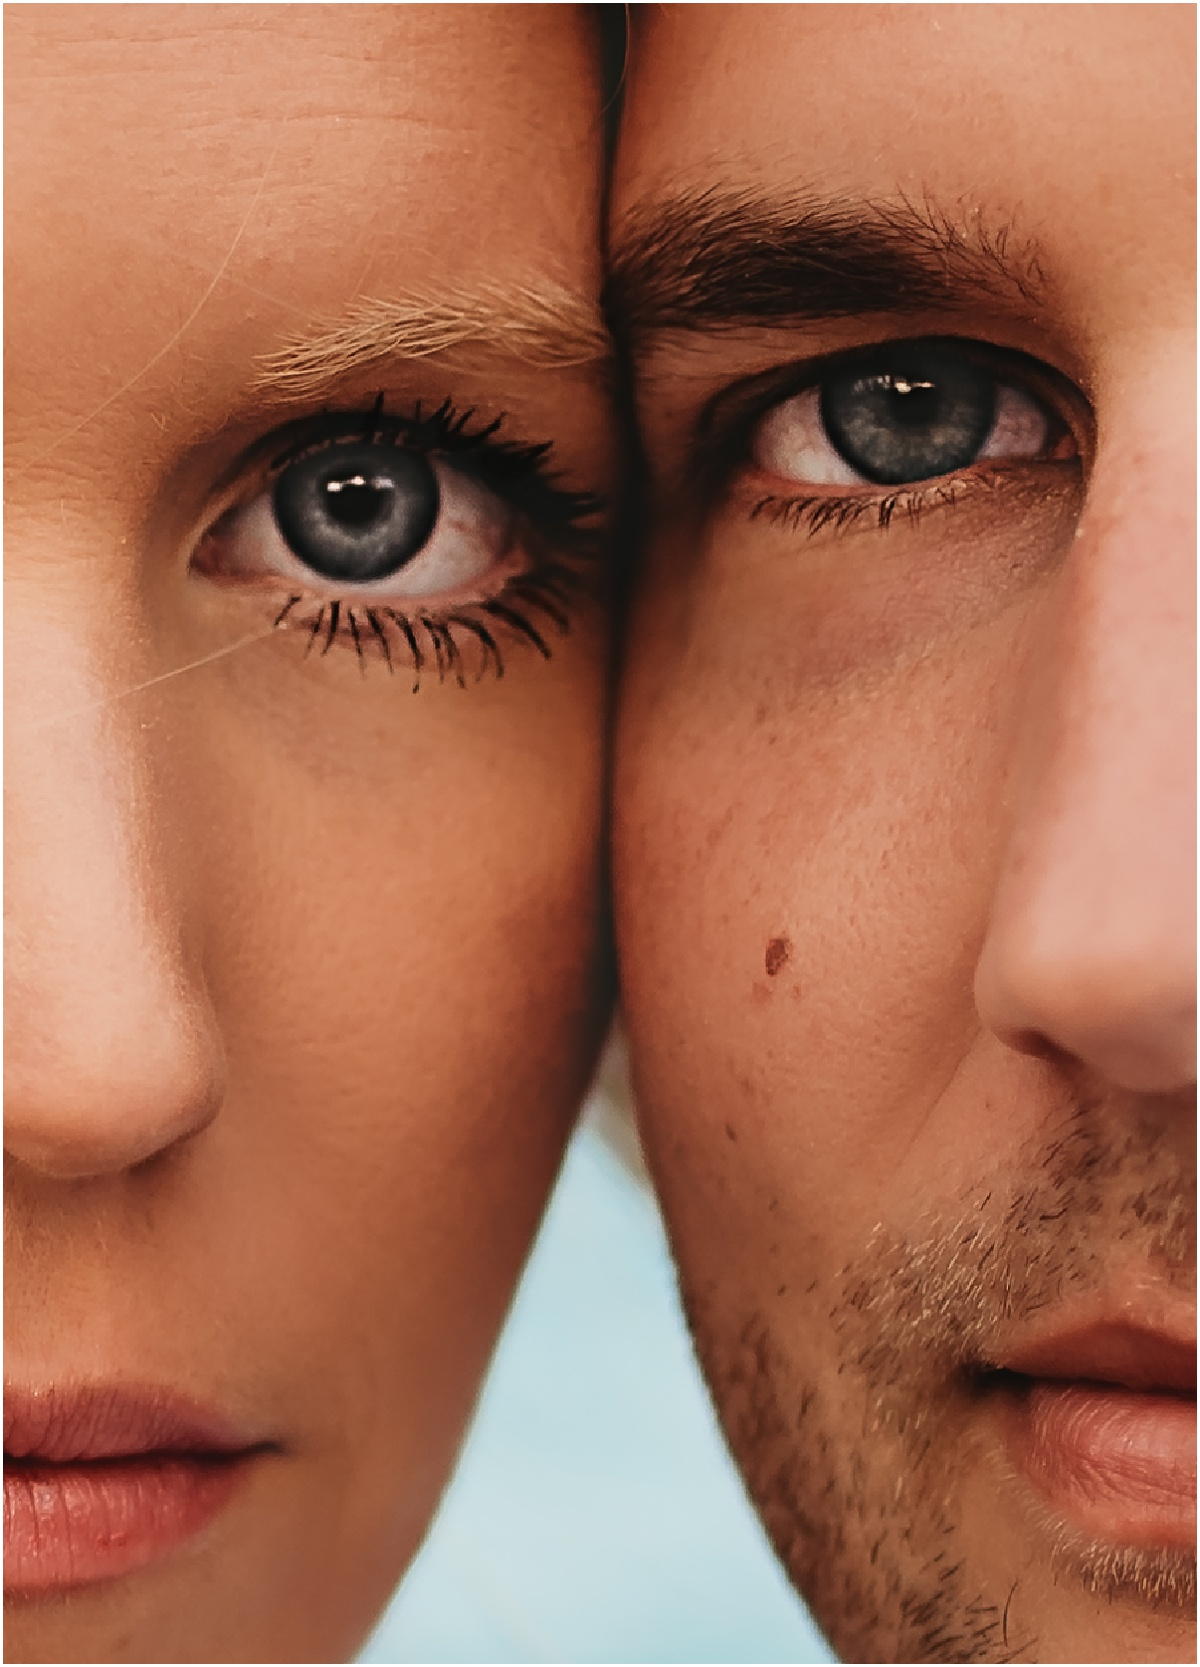 facial closeup blue eyes